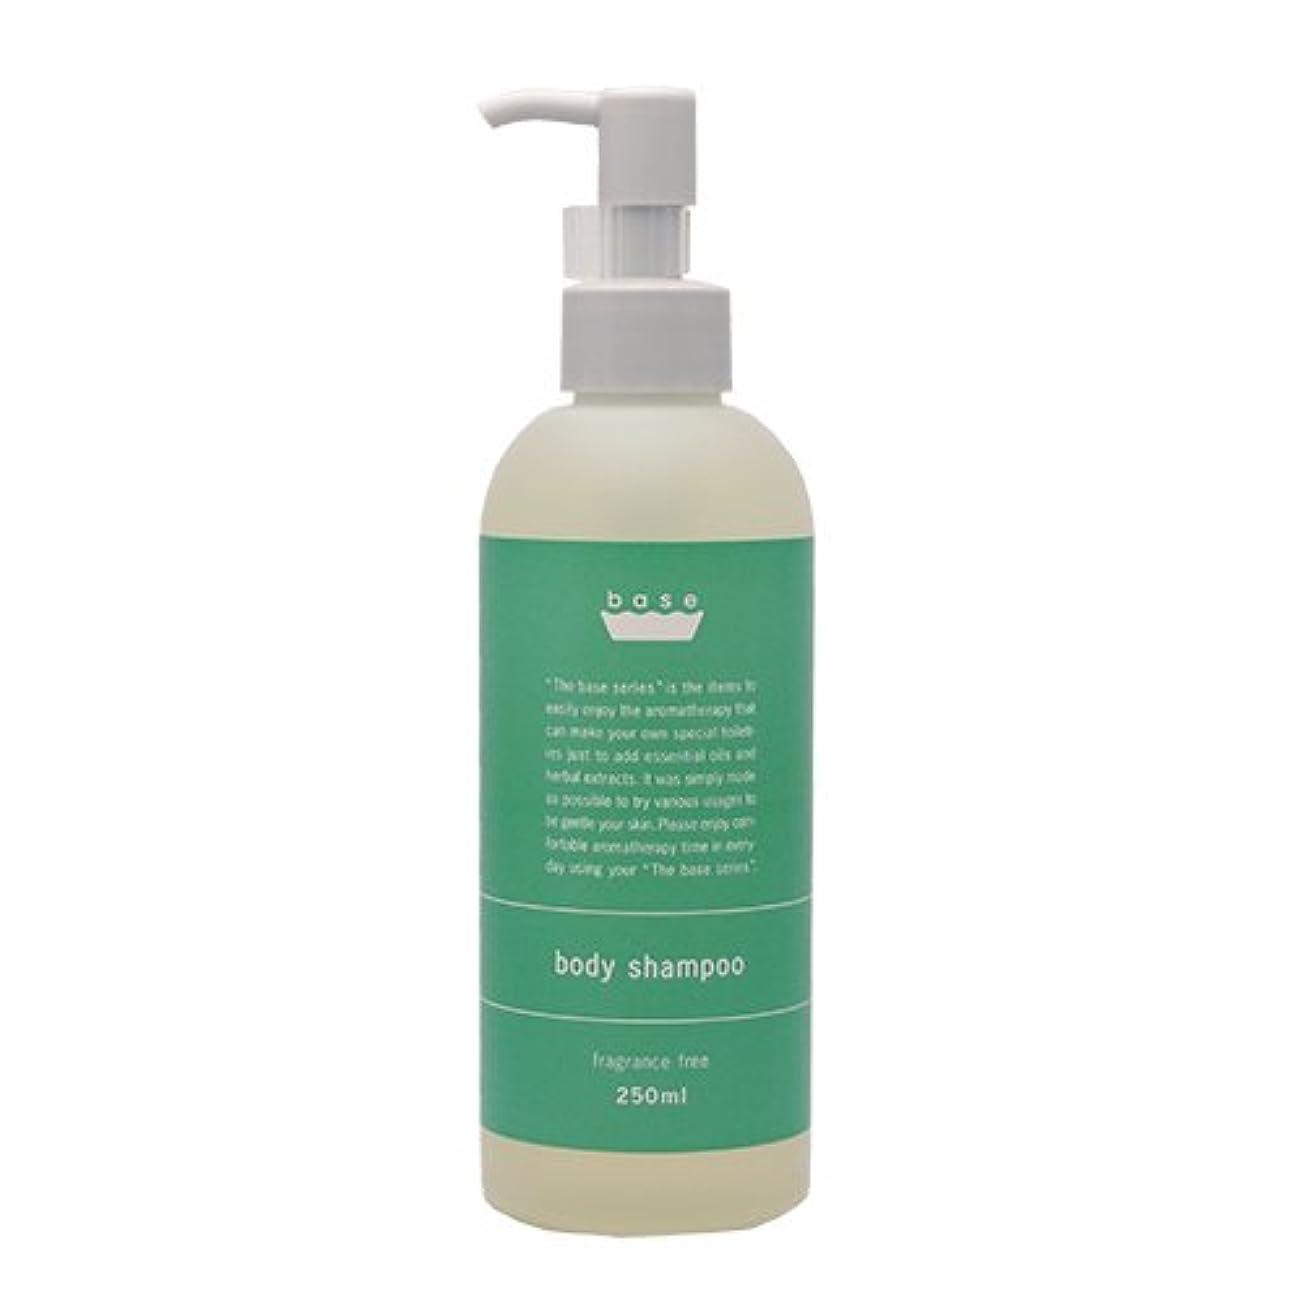 等ガムポジションフレーバーライフ(Flavor Life) フレーバーライフ base body shampoo(ボディーシャンプー)250ml ボディソープ